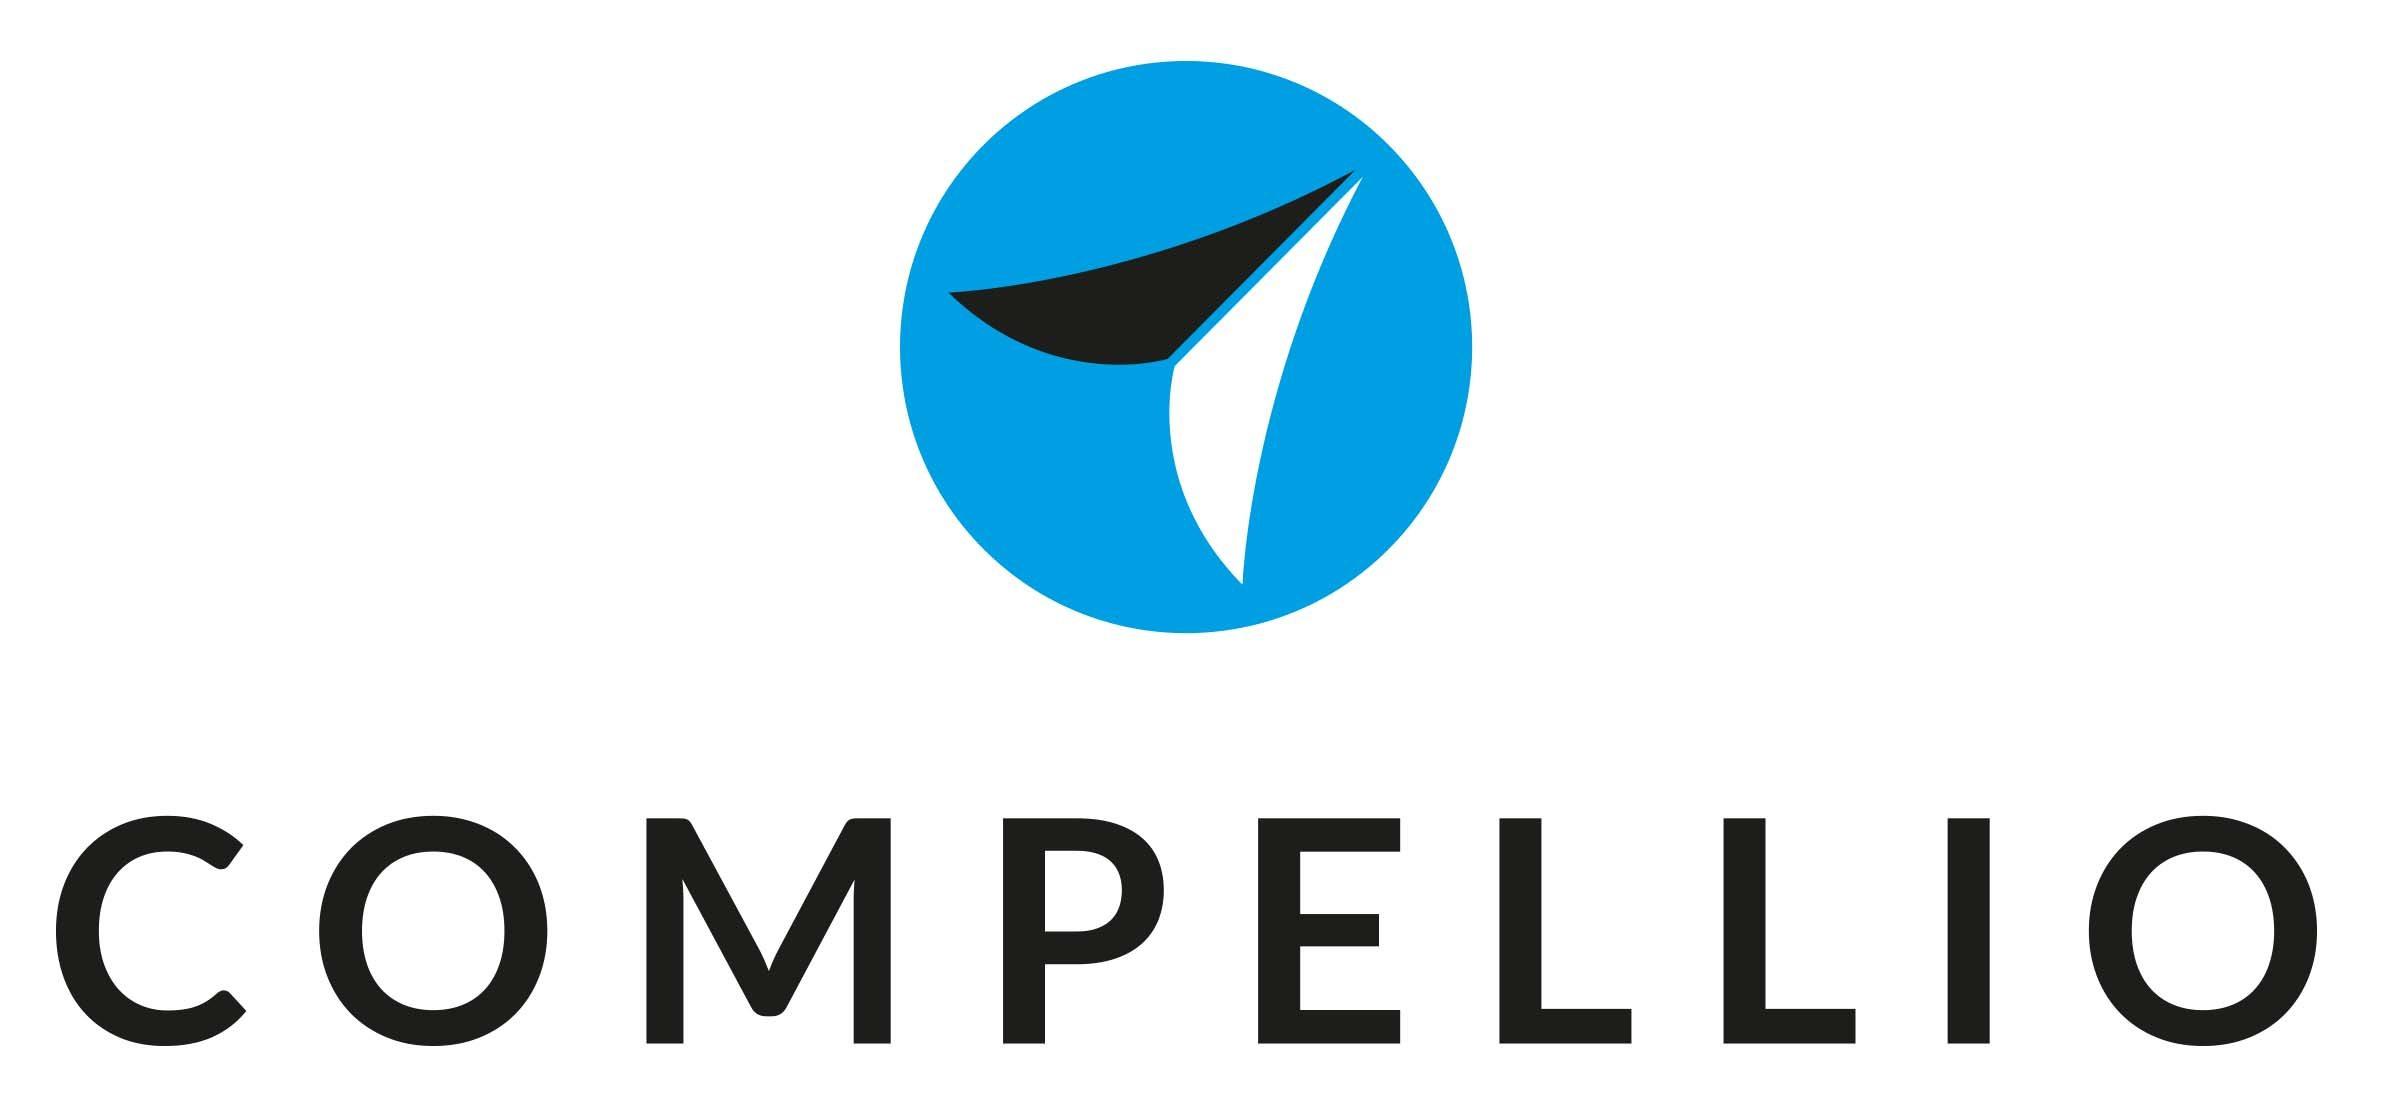 Compellio logo (1)